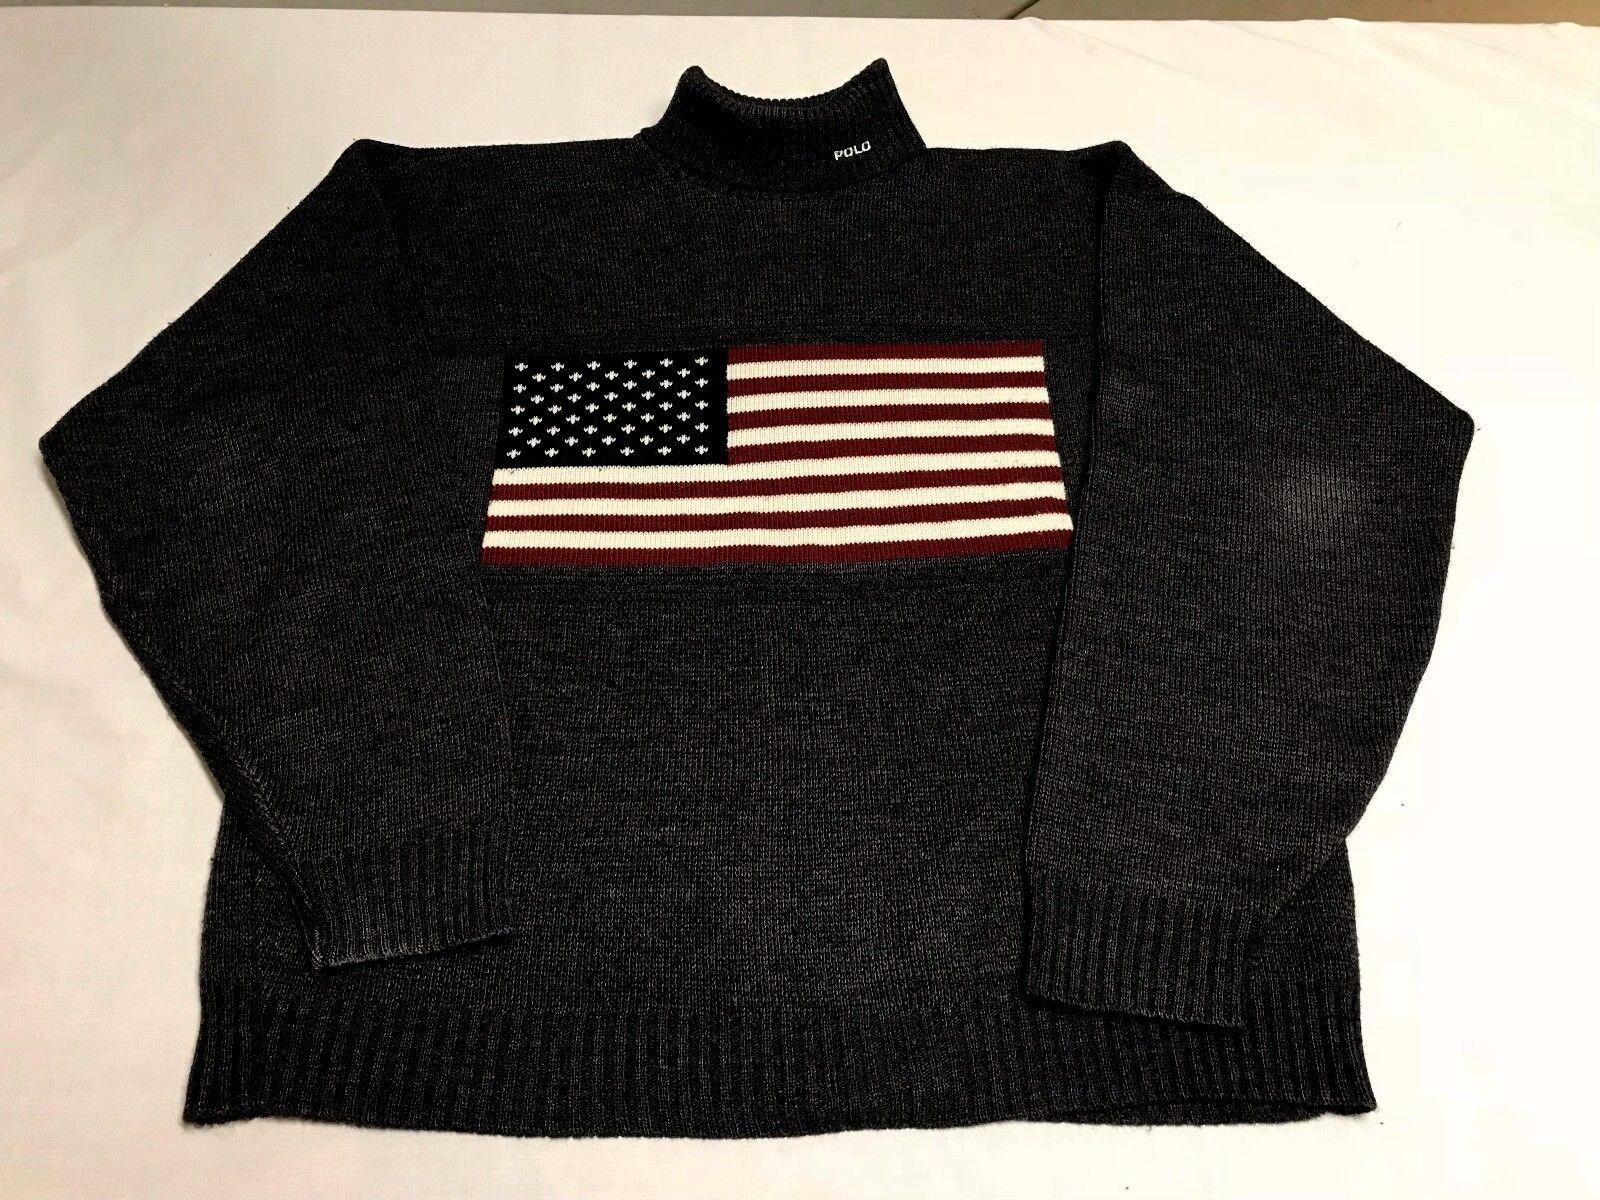 1993 Ralph Lauren Polo Flag herren XL Navy Blau Turtleneck schweißer Vintage Rare